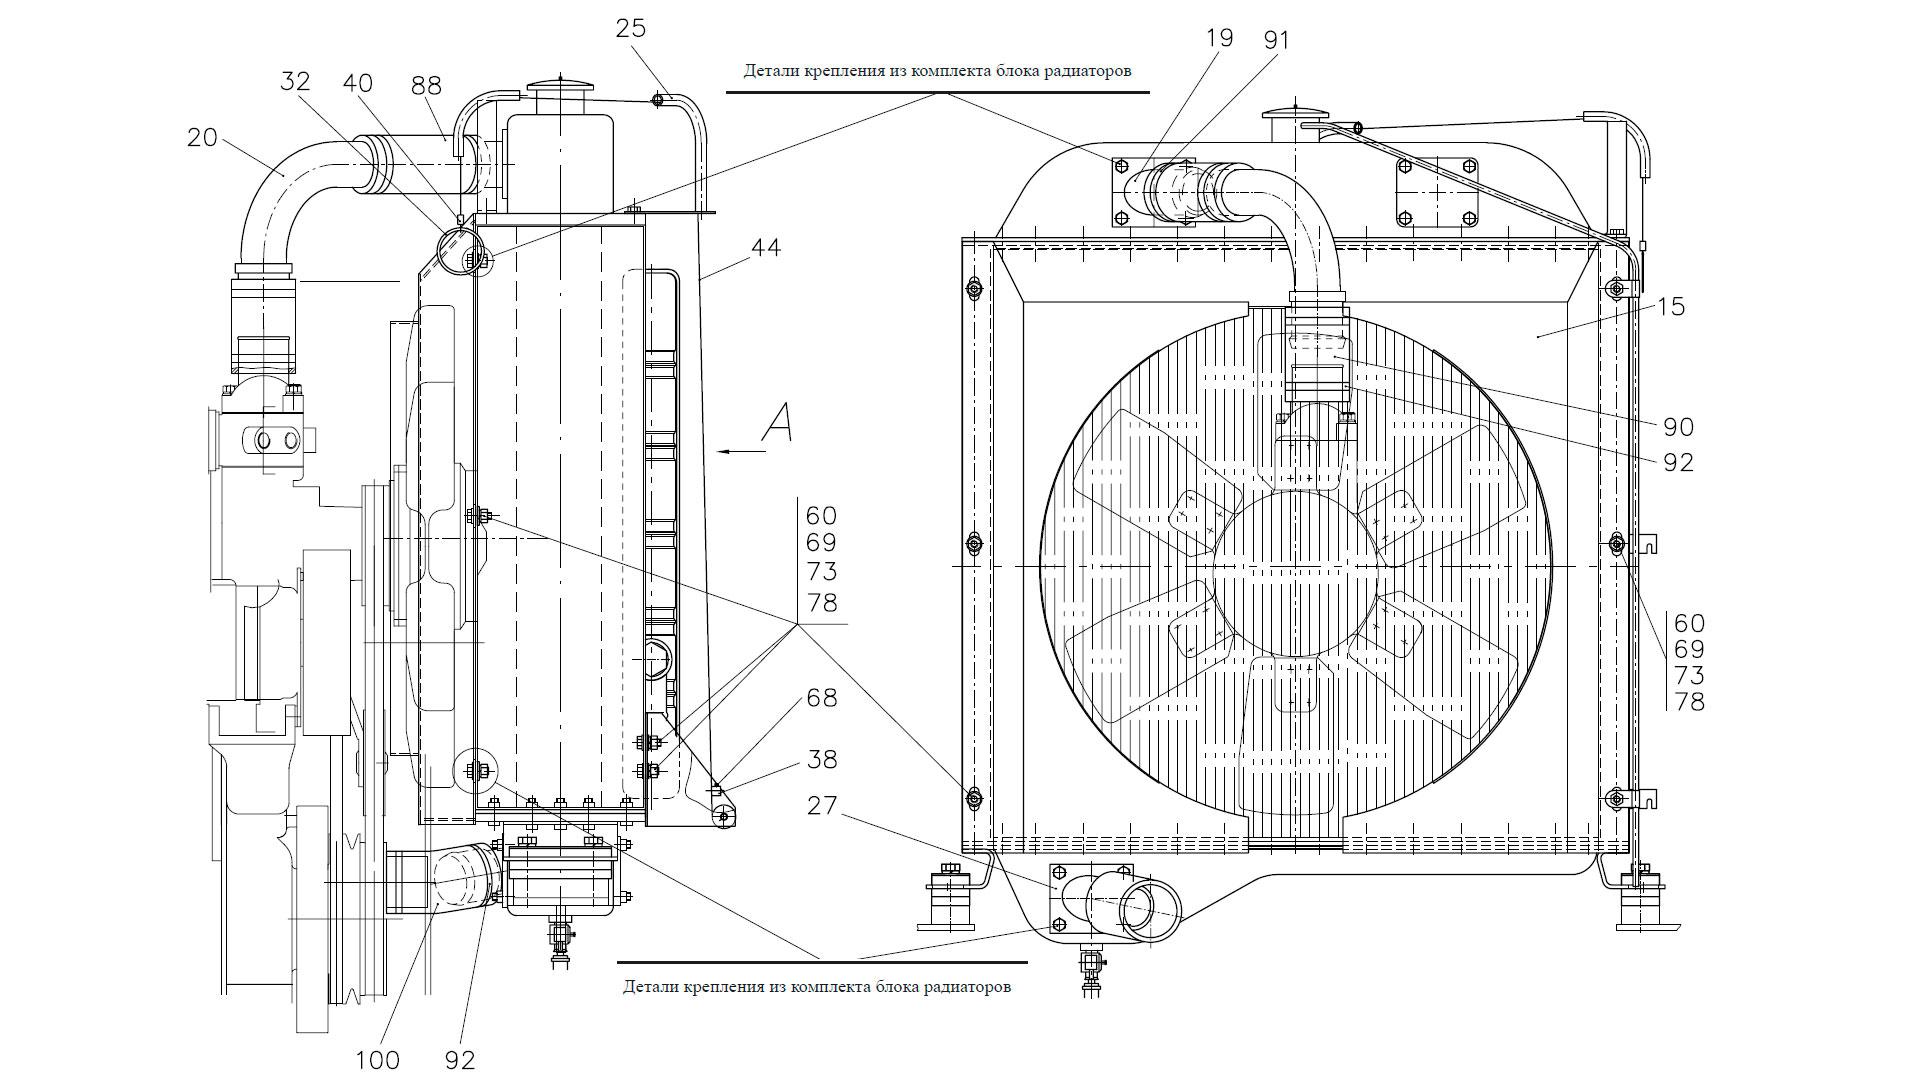 Установка радиаторов ТО-28А.02.17.000